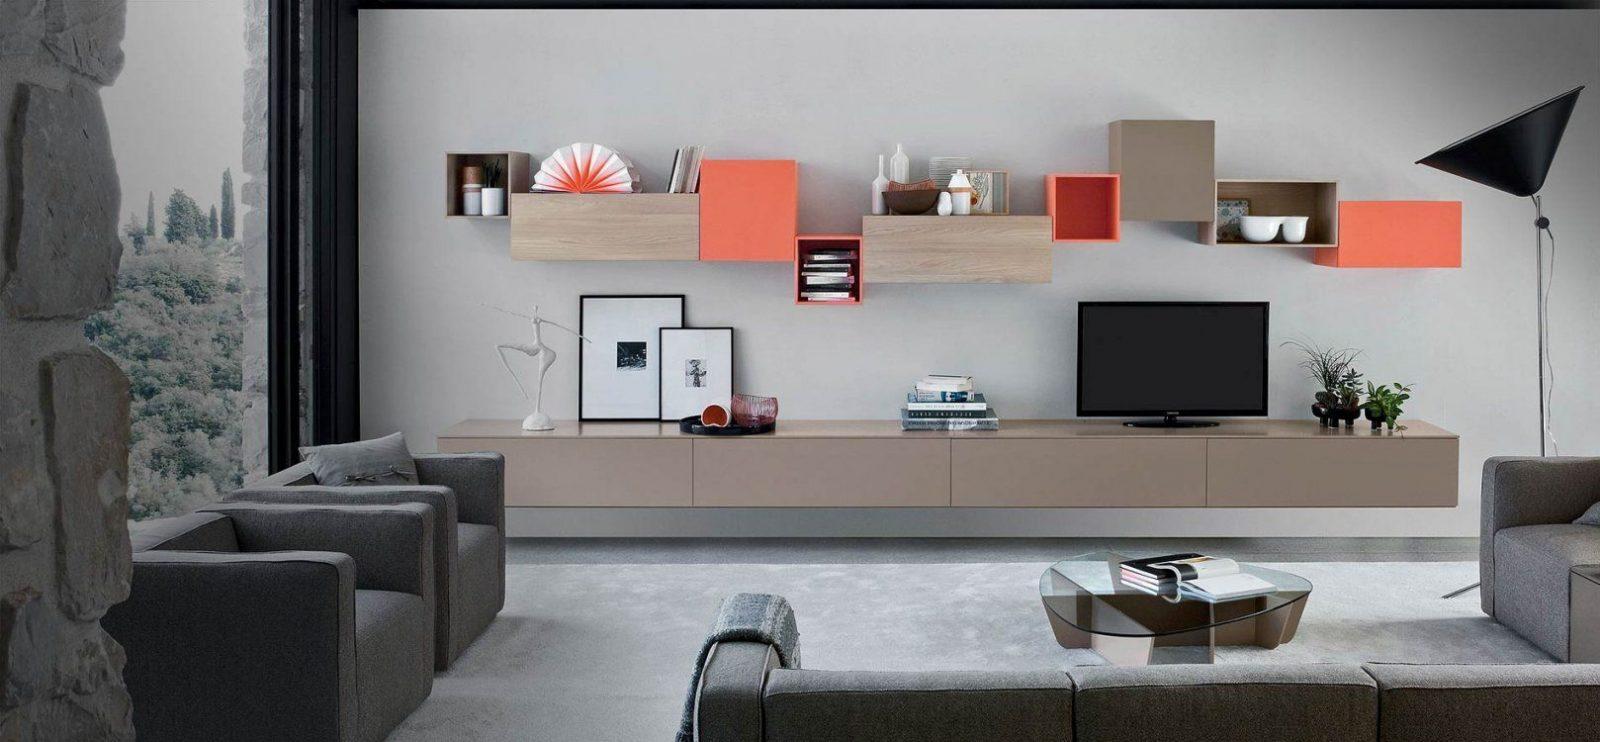 Hängende Lowboards ⇒ 120300 Cm Breite ⇒ In 30 Farben von Lowboard Weiß Hochglanz Zum Hängen Photo